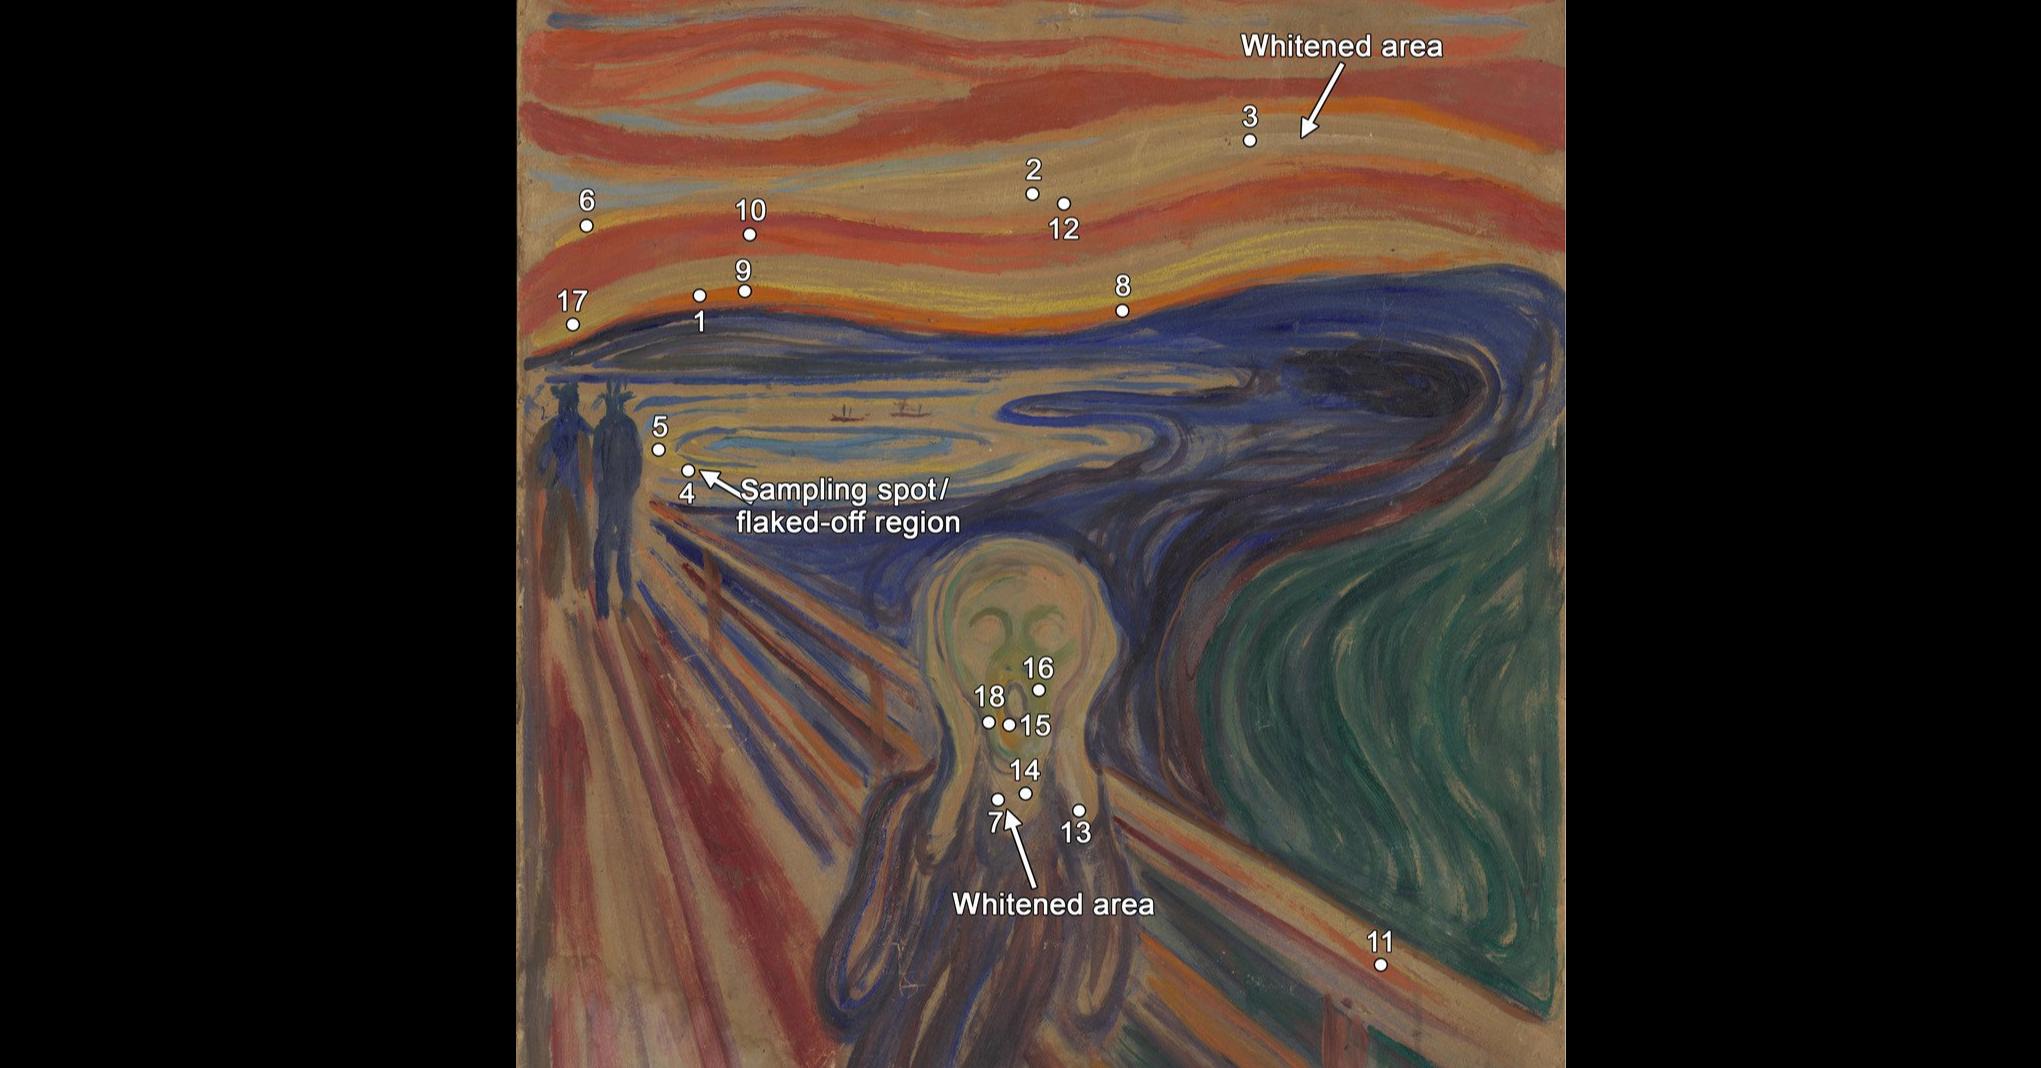 照片中提到了Whitened area、10、9.,包含了蒙克博物館、蒙克博物館、愛德華·蒙克(Edvard Munch),1863-1944年、那聲尖叫、繪畫